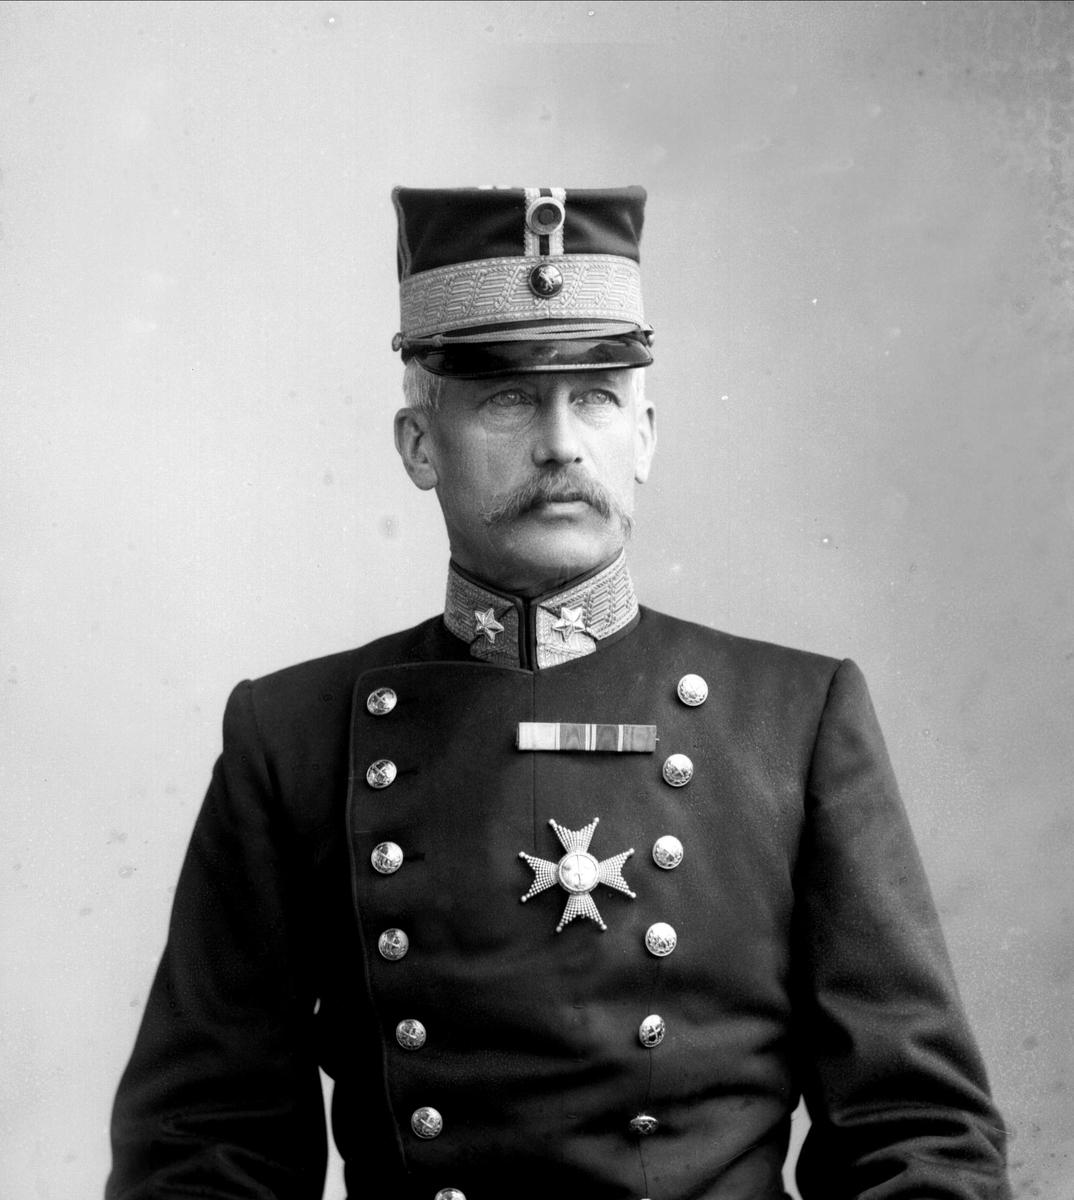 Portrett, Trygve Olavsøn Klingenberg (1842-1932), i uniform som generalmajor som reglementert fra 1899.